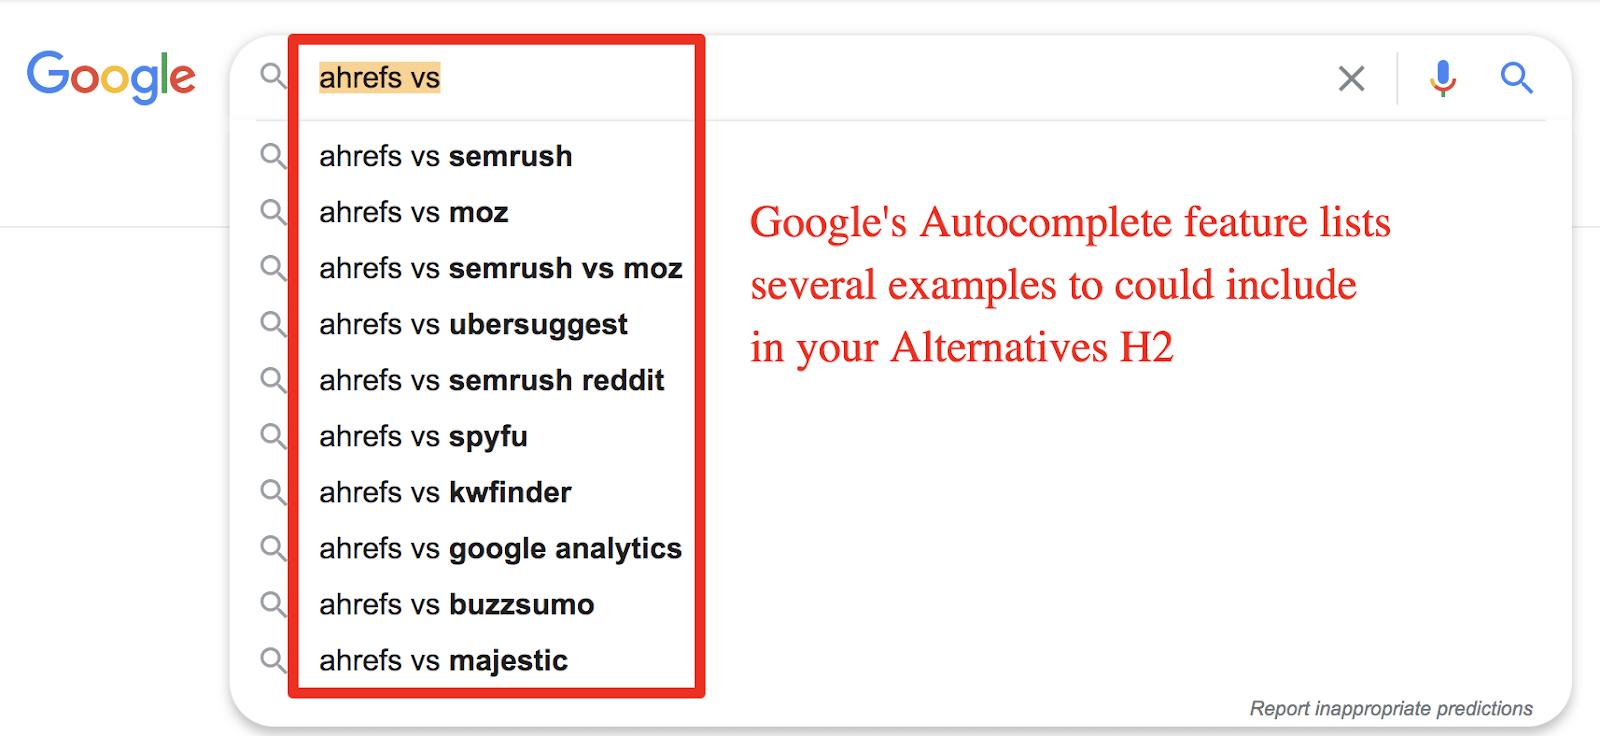 google autocomplete feature